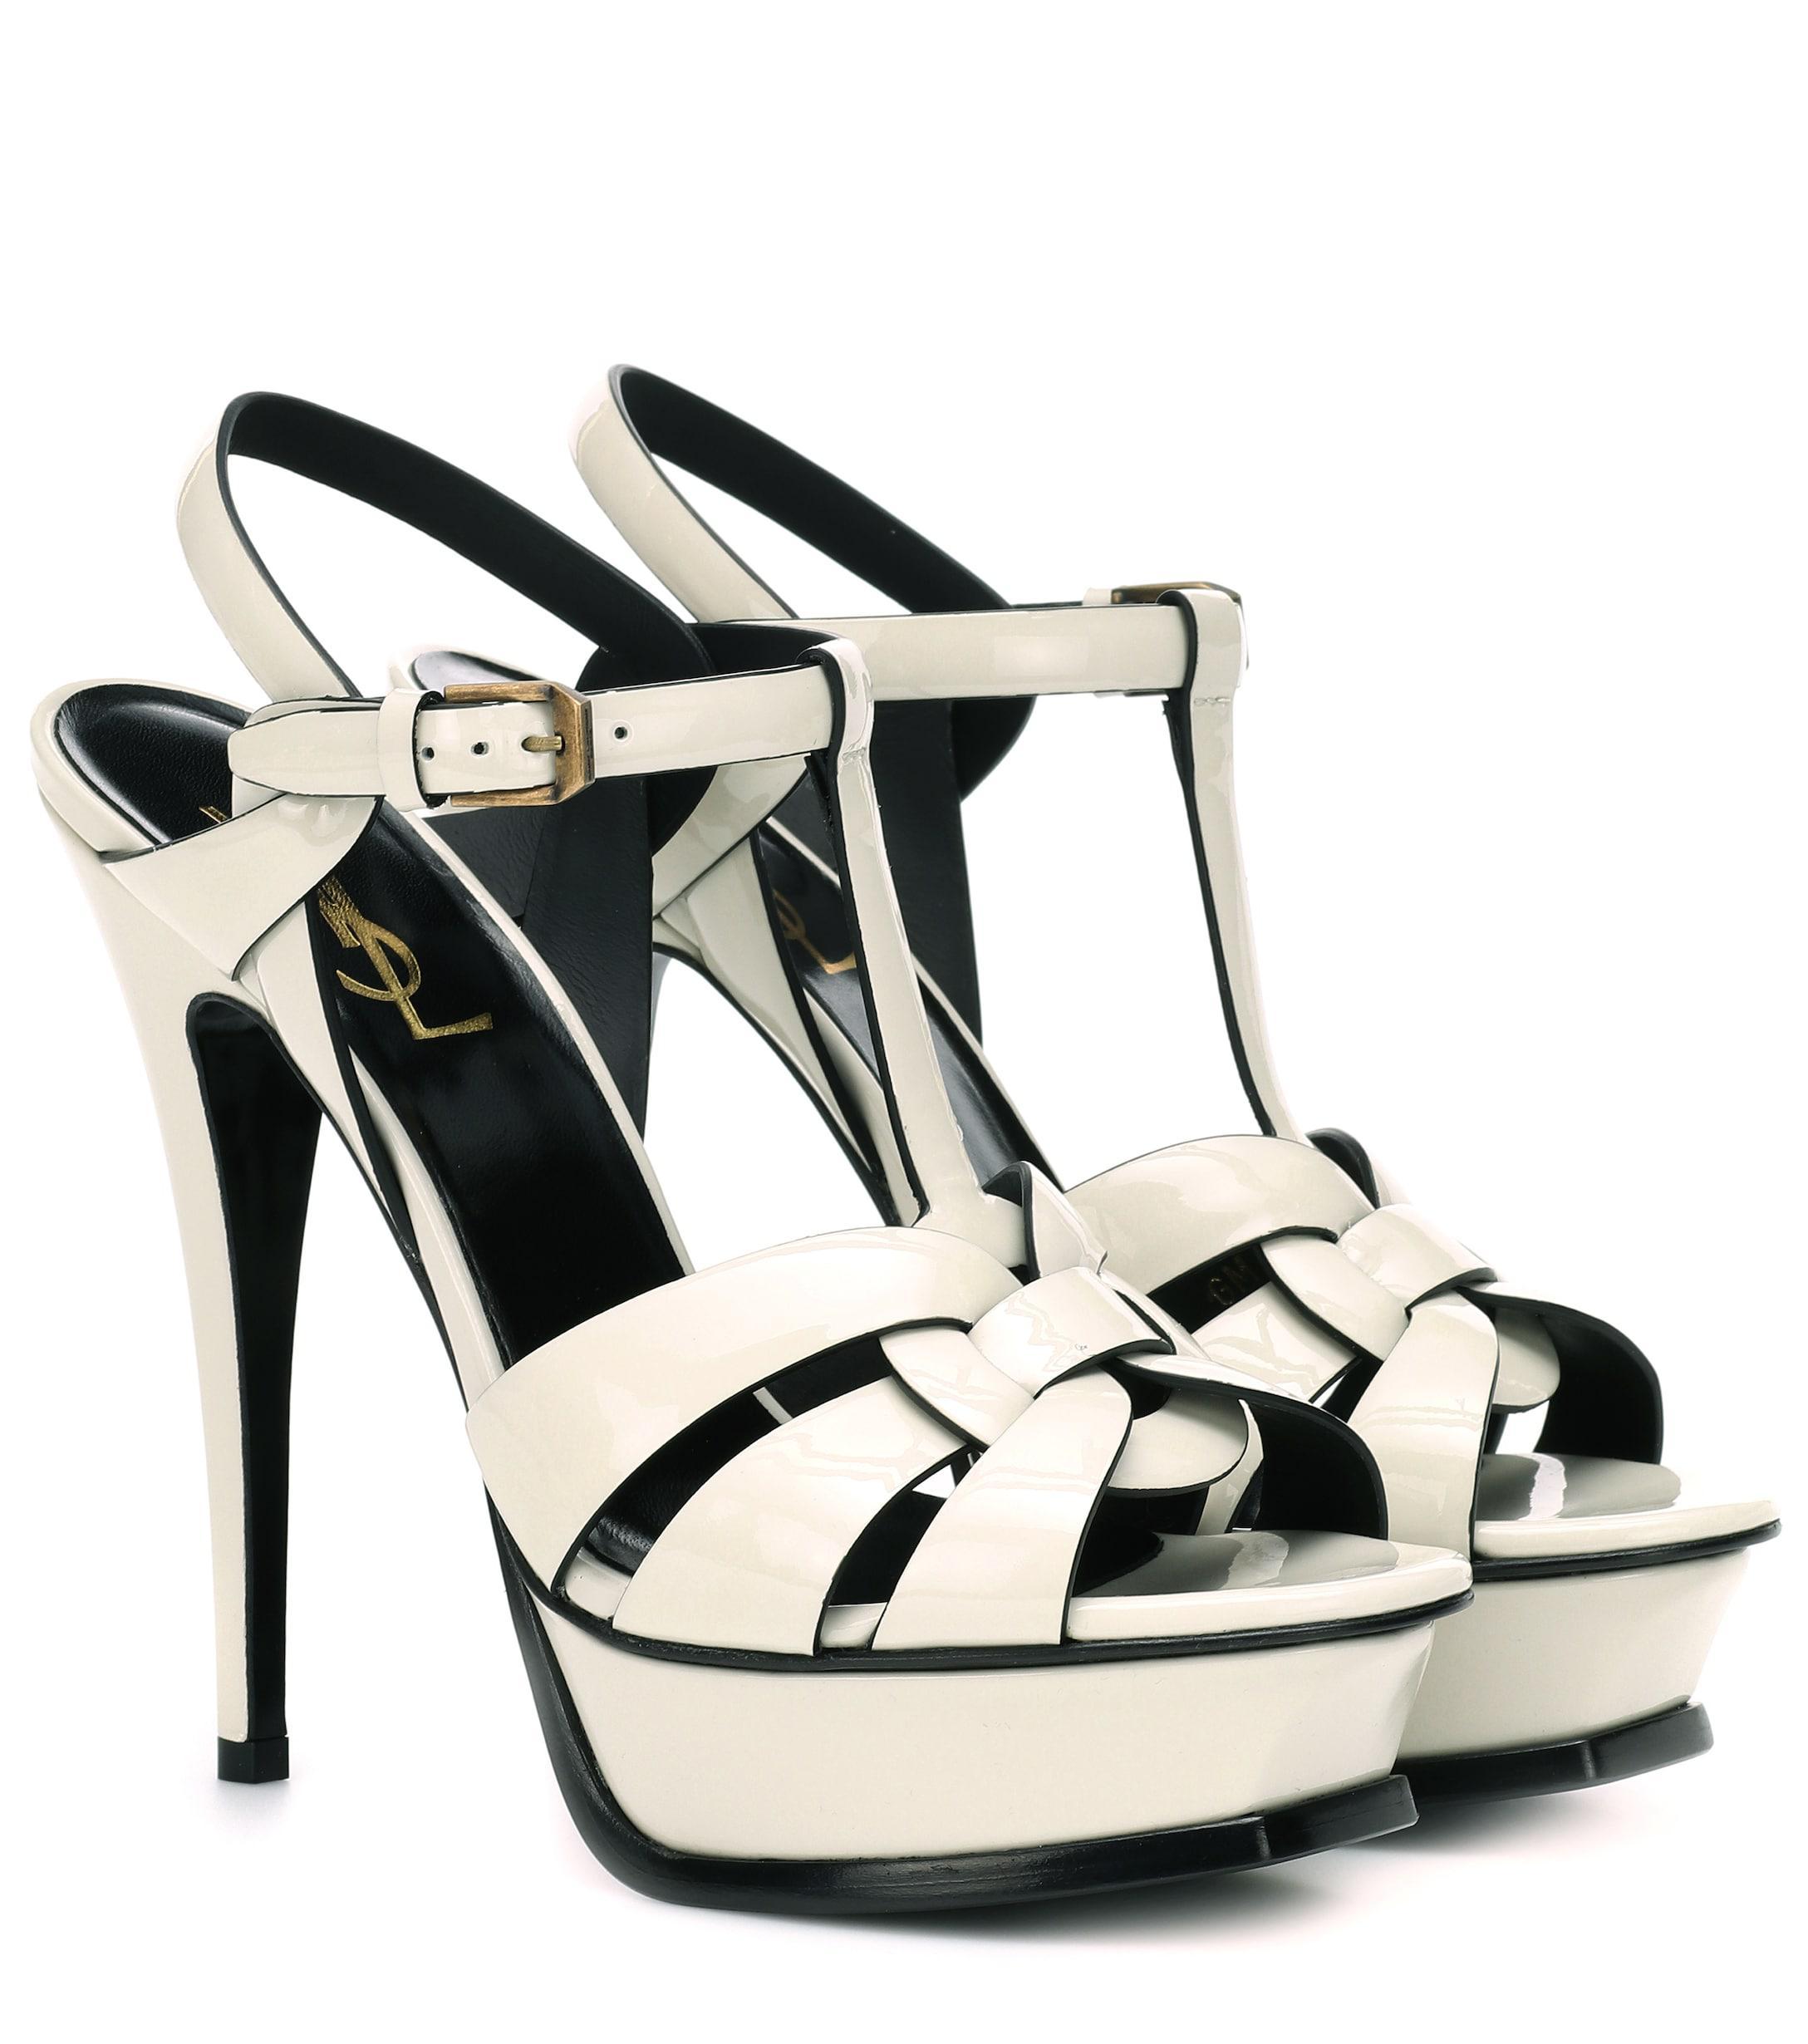 e5059292edd9 Saint Laurent. Women s Tribute 105 Patent Leather Sandals